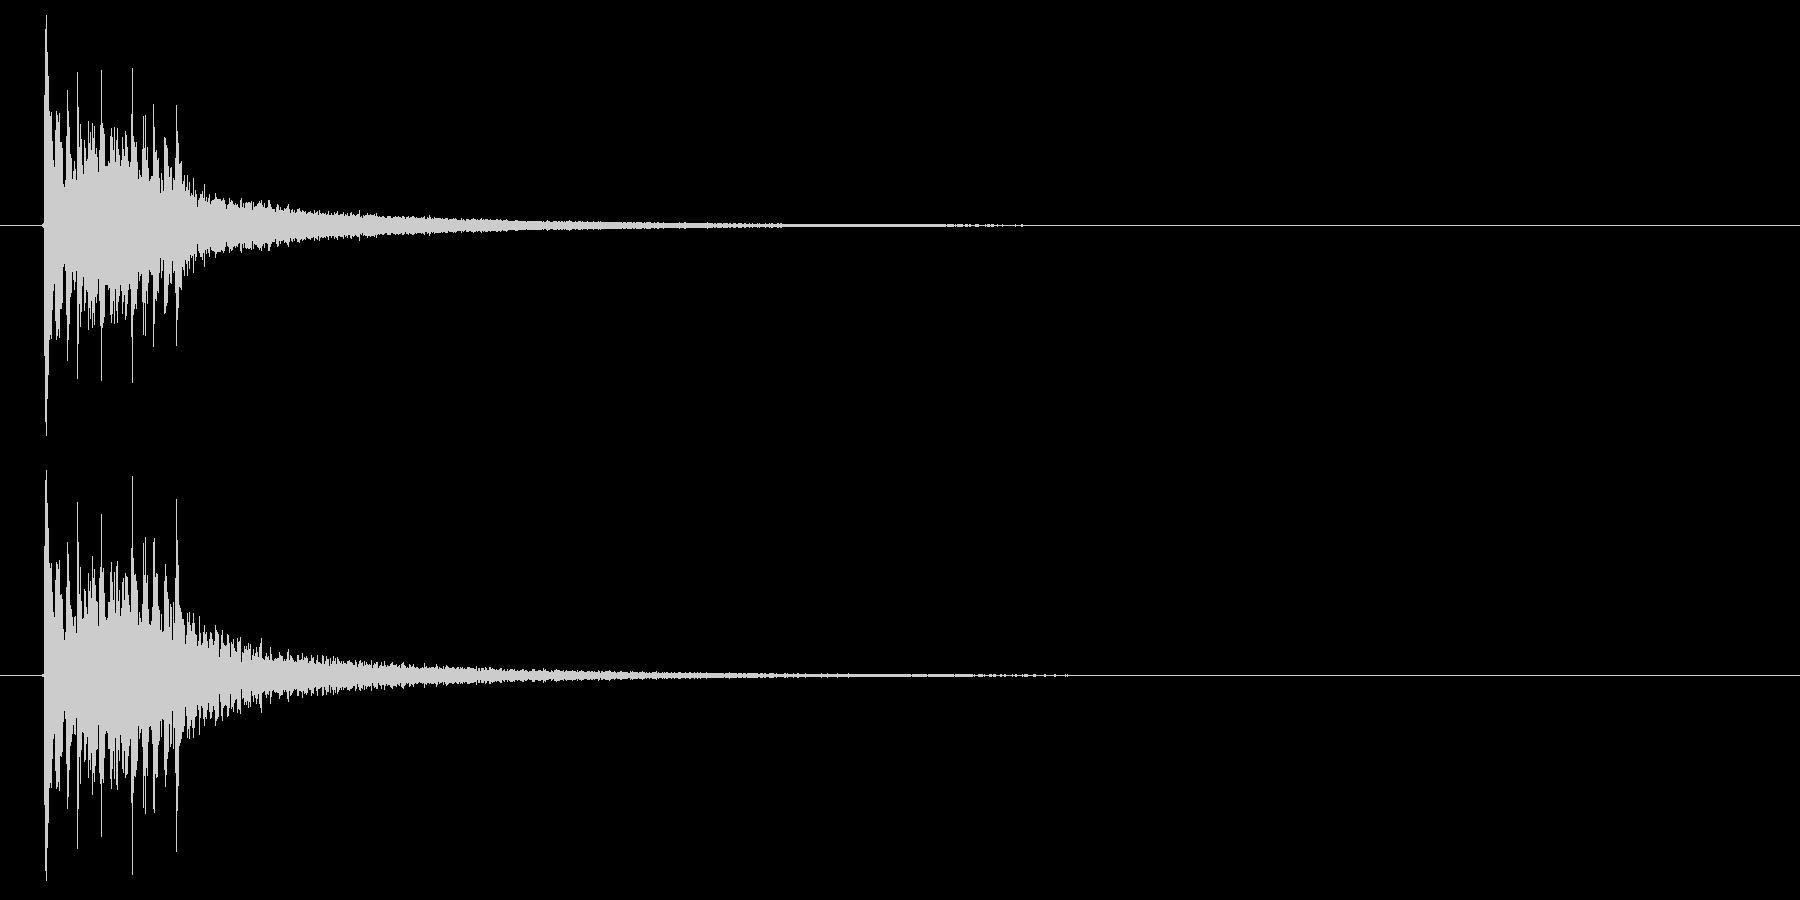 下降する木琴音のSEの未再生の波形